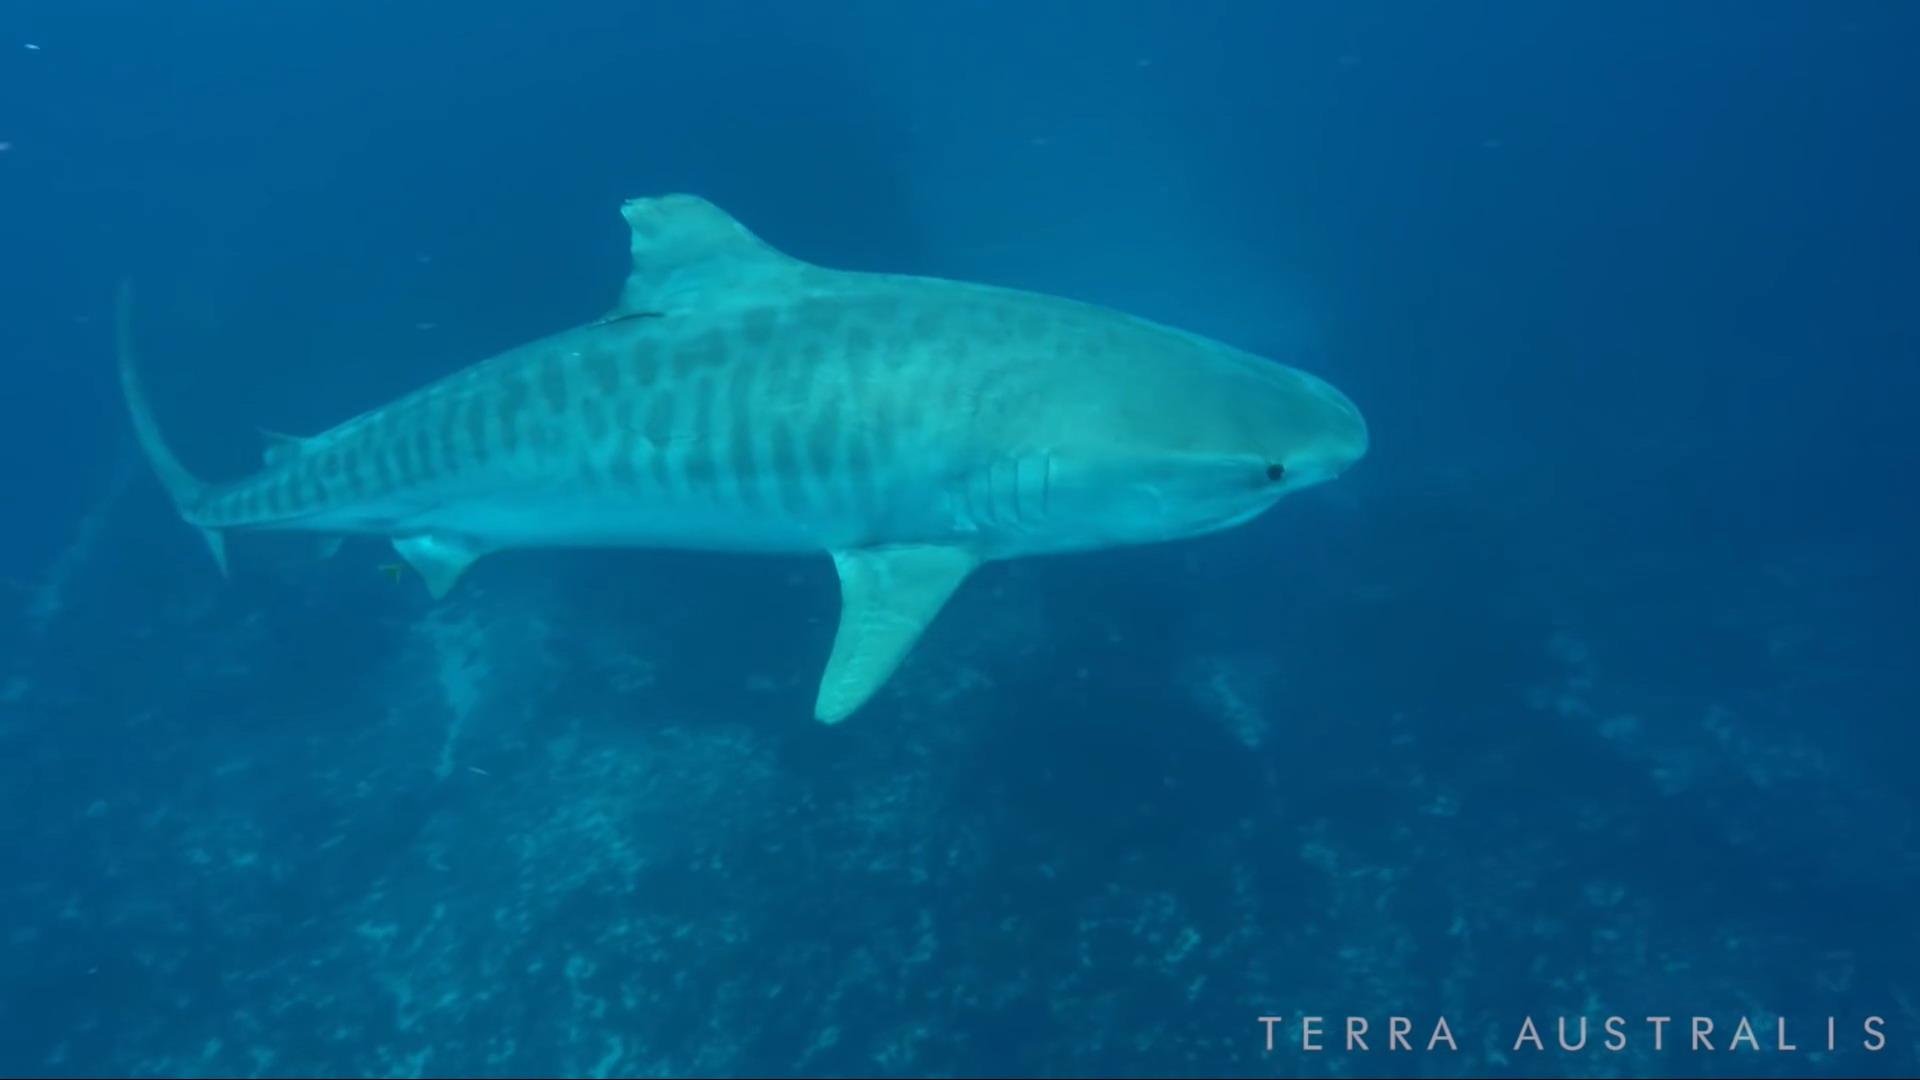 terra-australis-tiger-shark-5